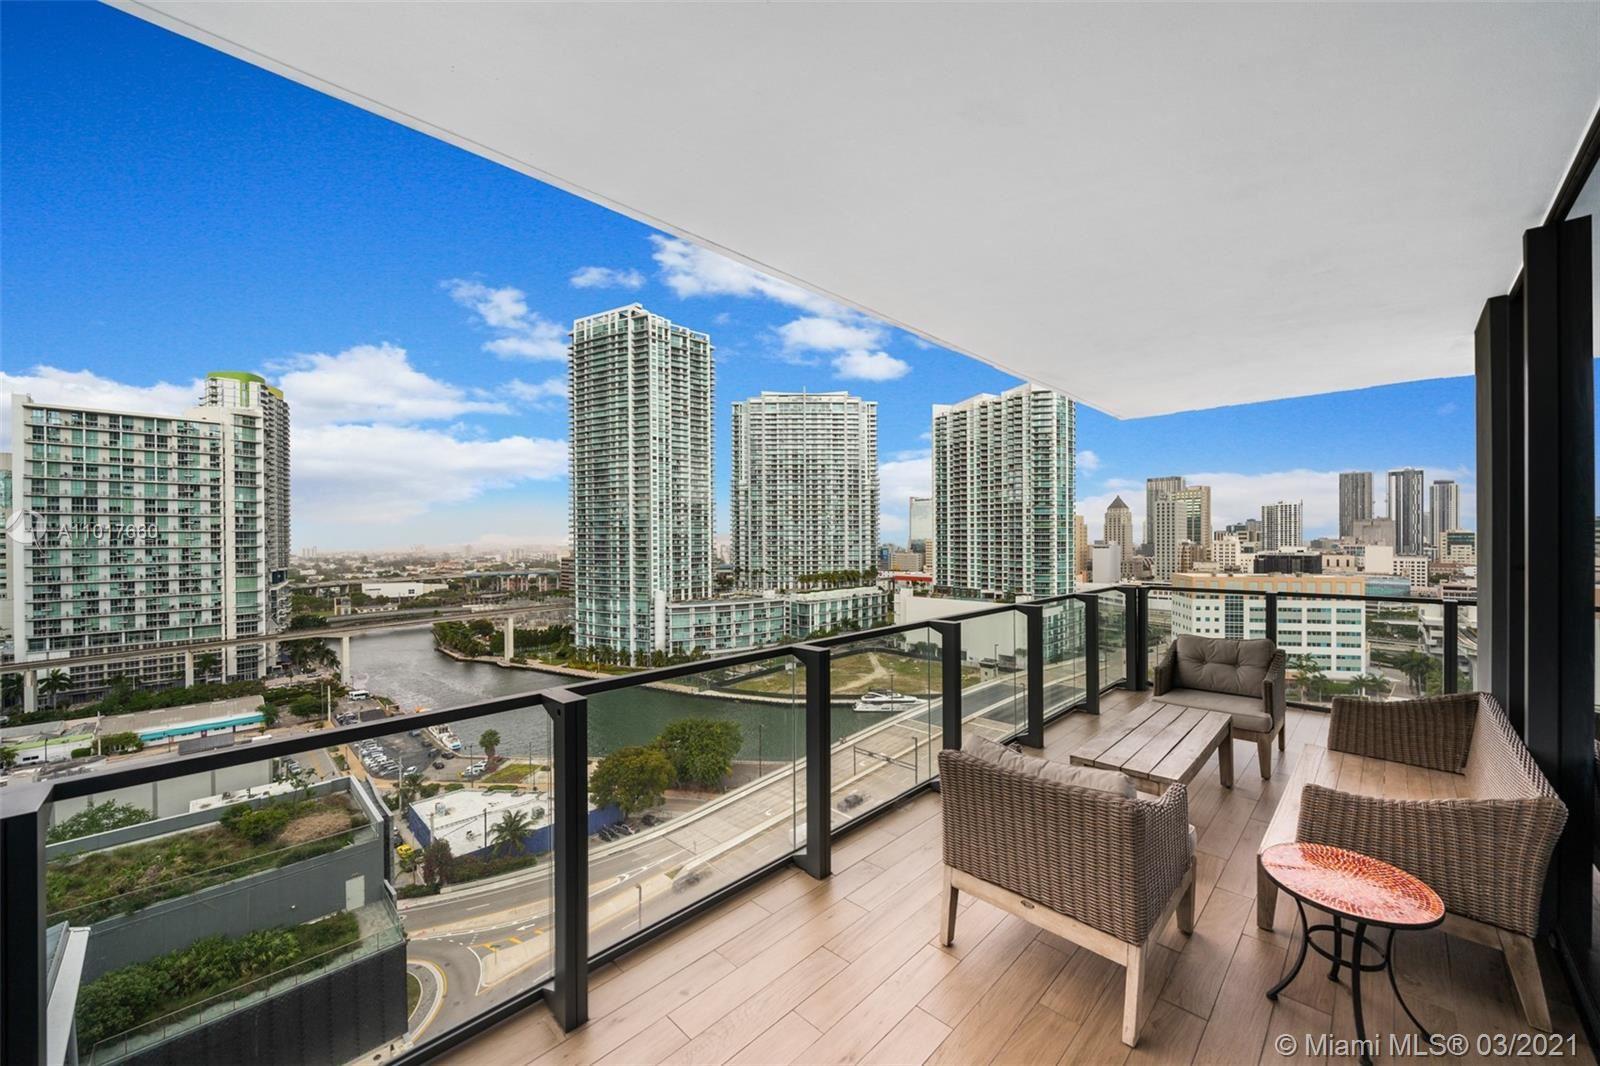 68 SE 6th St #1412, Miami, FL 33131 - #: A11017660